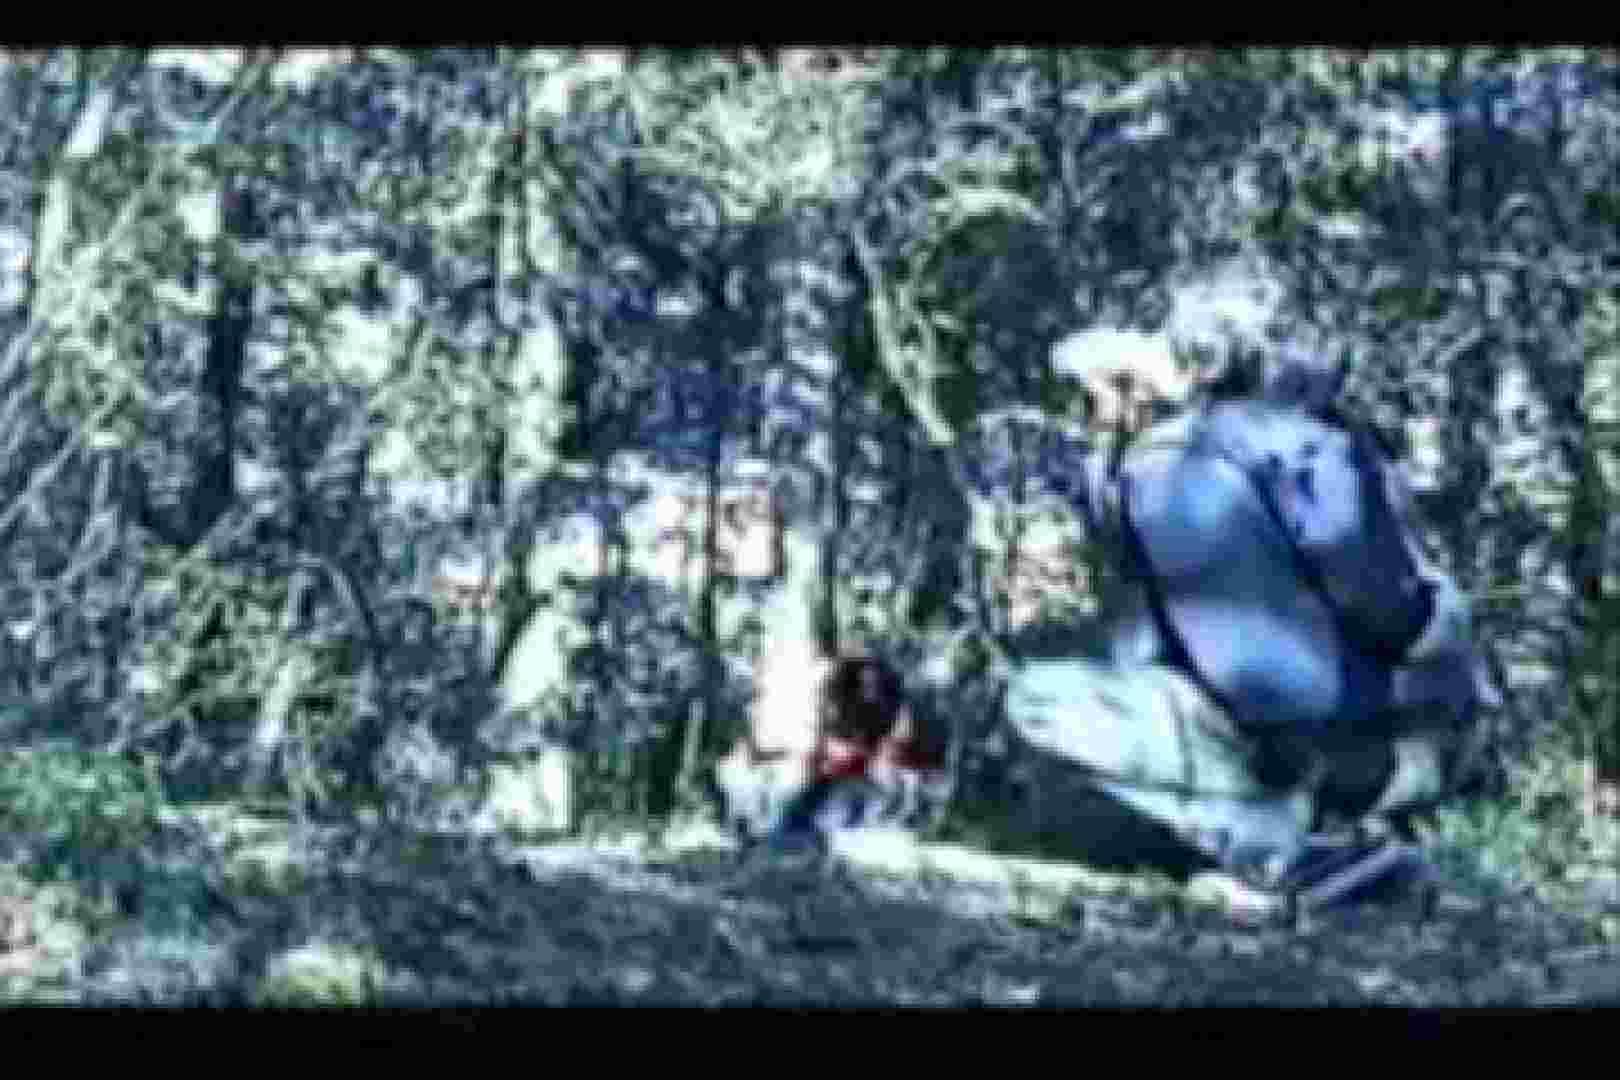 オールドゲイシリーズ  美少年ひかるのオープンファック イケメン  106pic 52